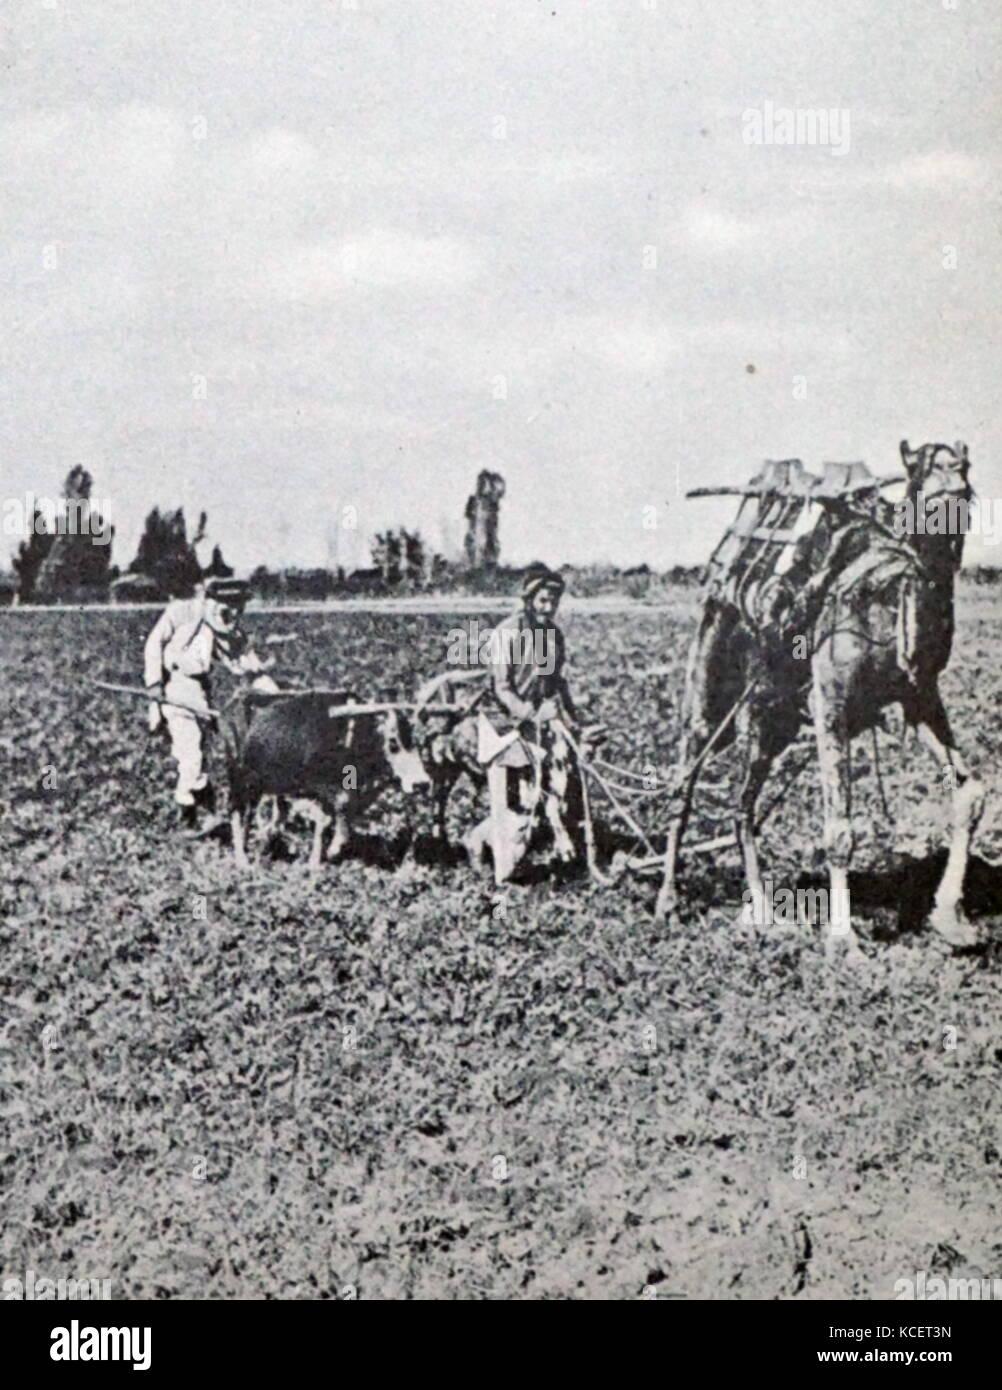 Fin du 19ème siècle ferme juif dans le quartier central d'Israël vers 1885 Photo Stock